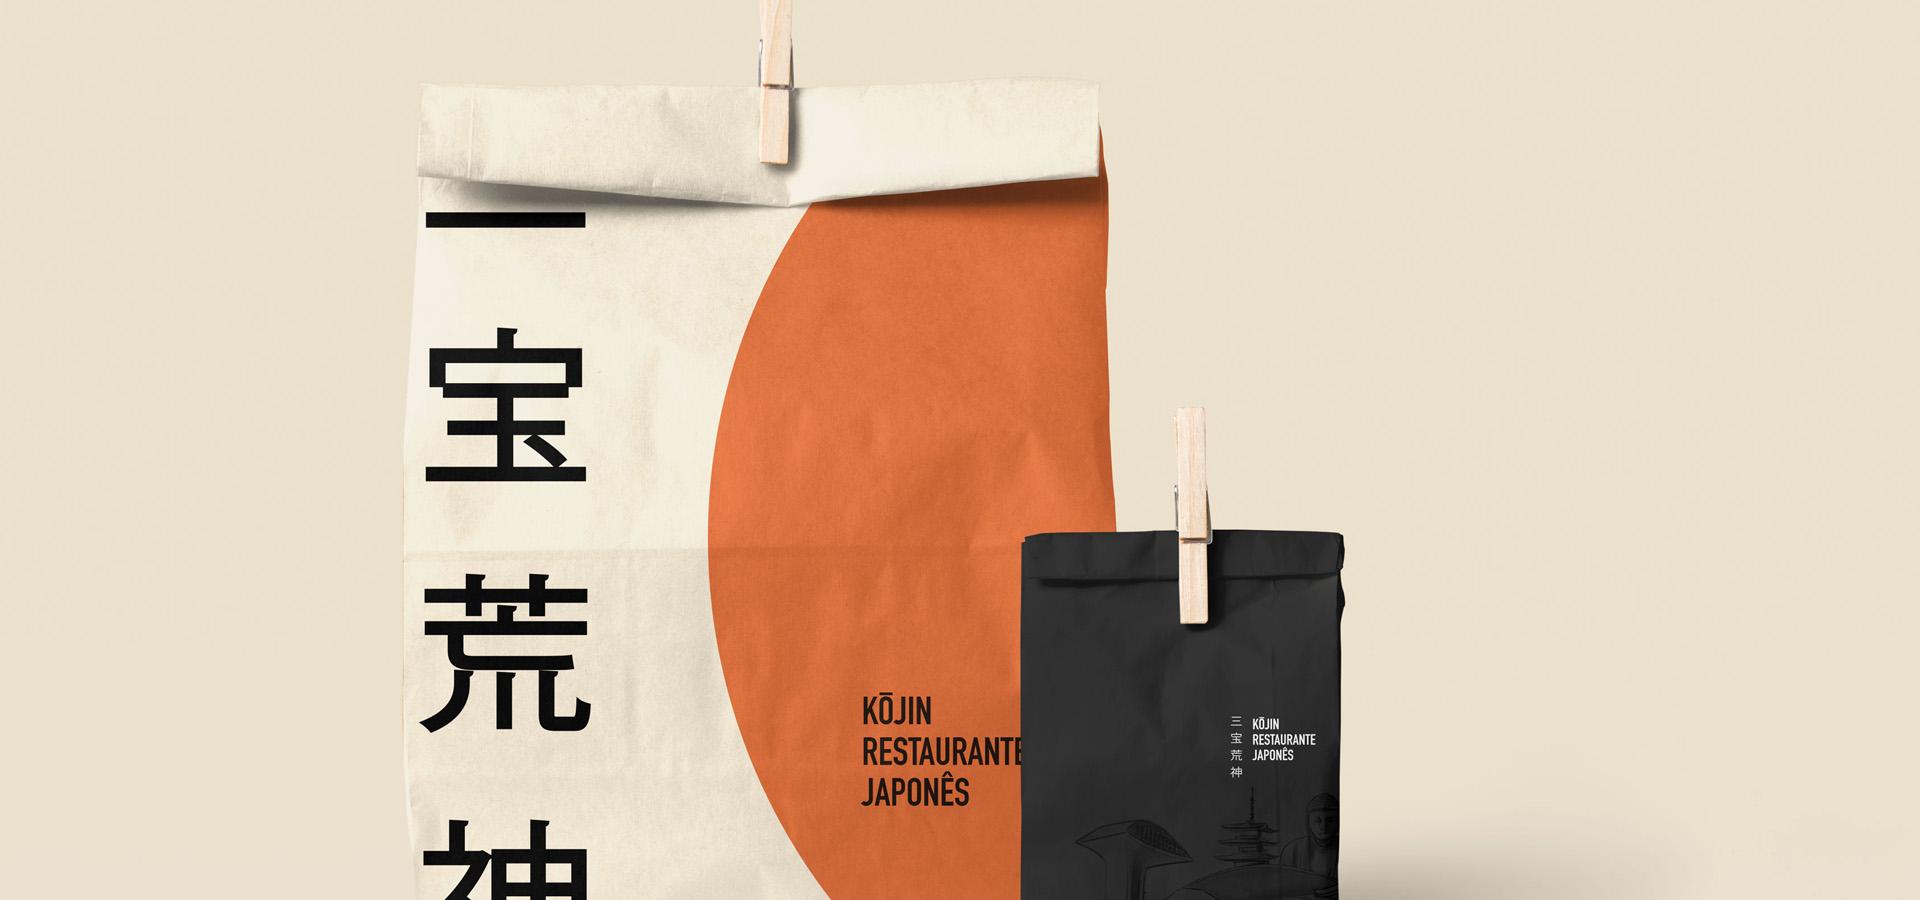 design-marca-1516_kojin-restaurante-japones